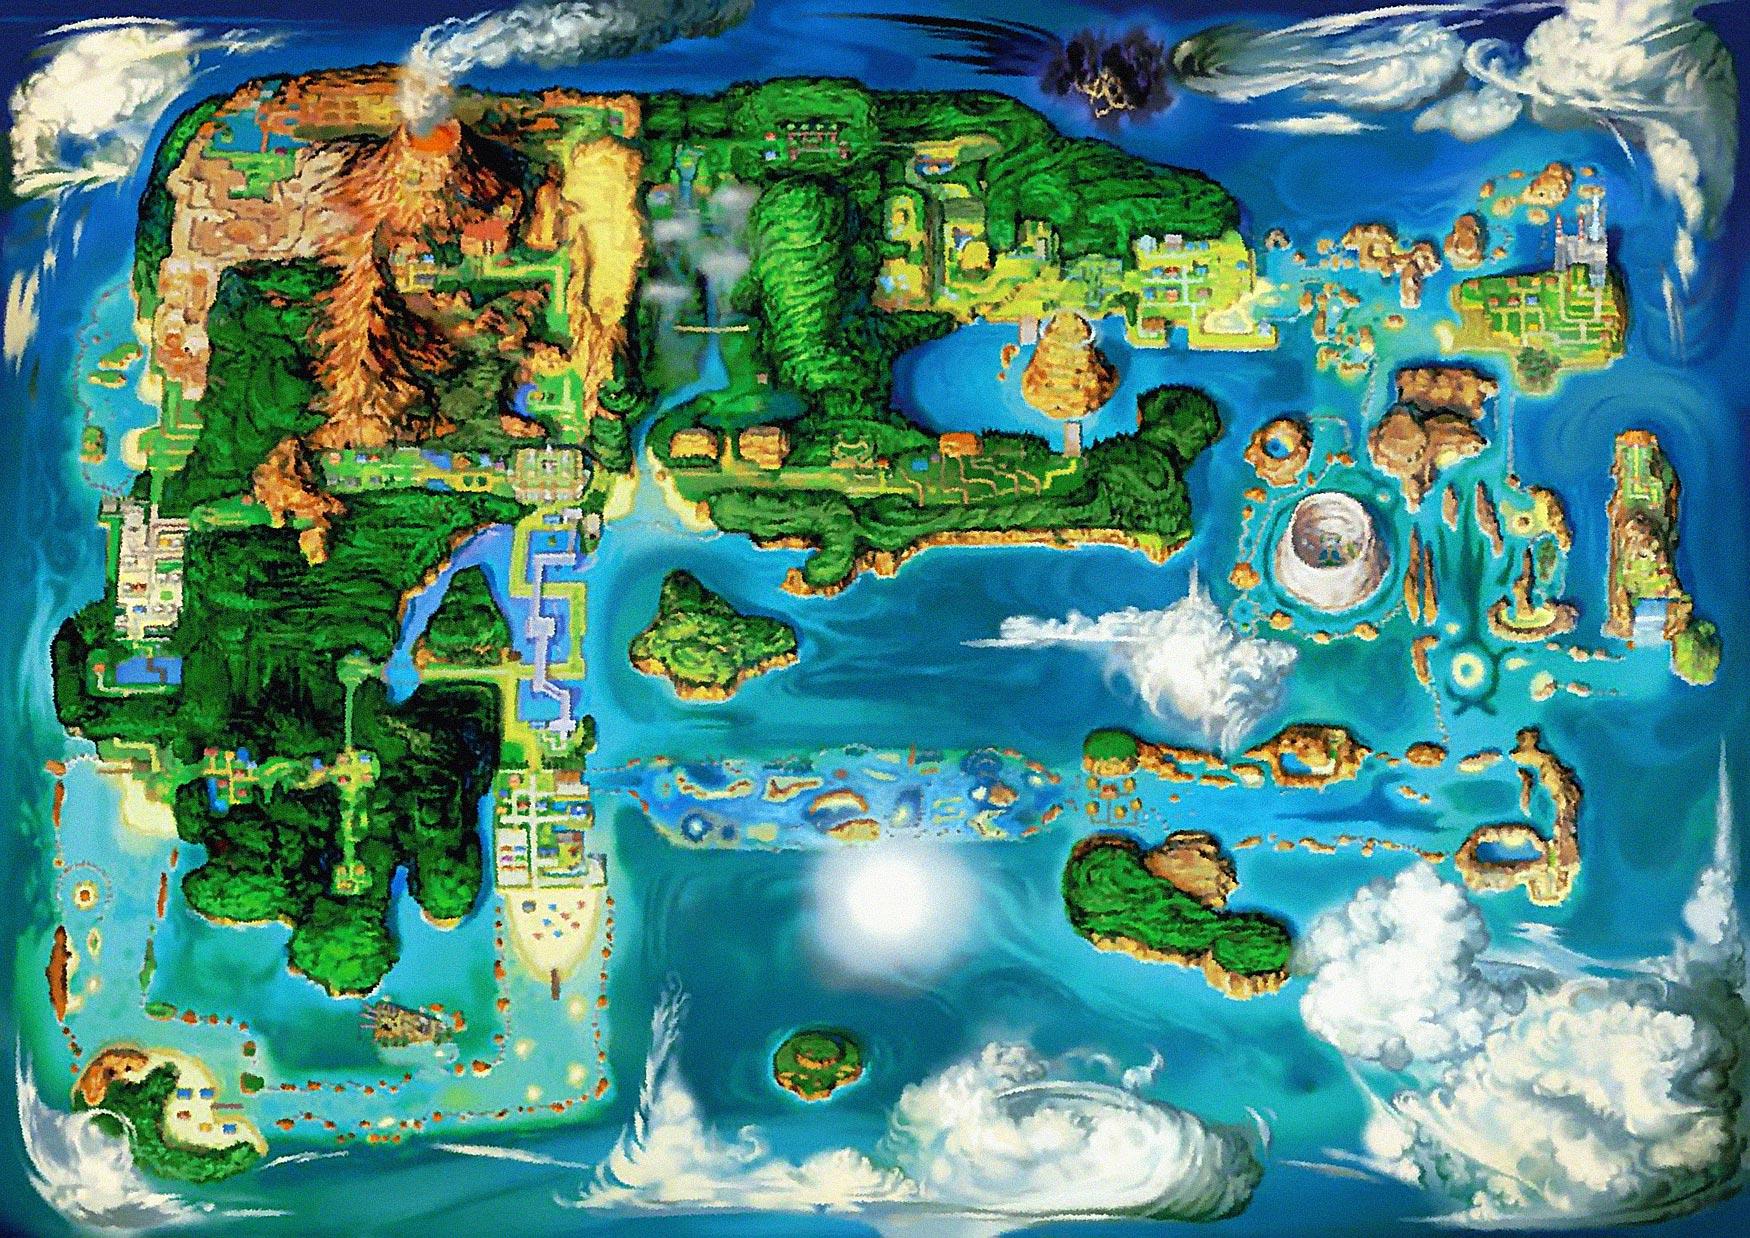 Pokemon Hoenn Map Minecraft Images Pokemon Images